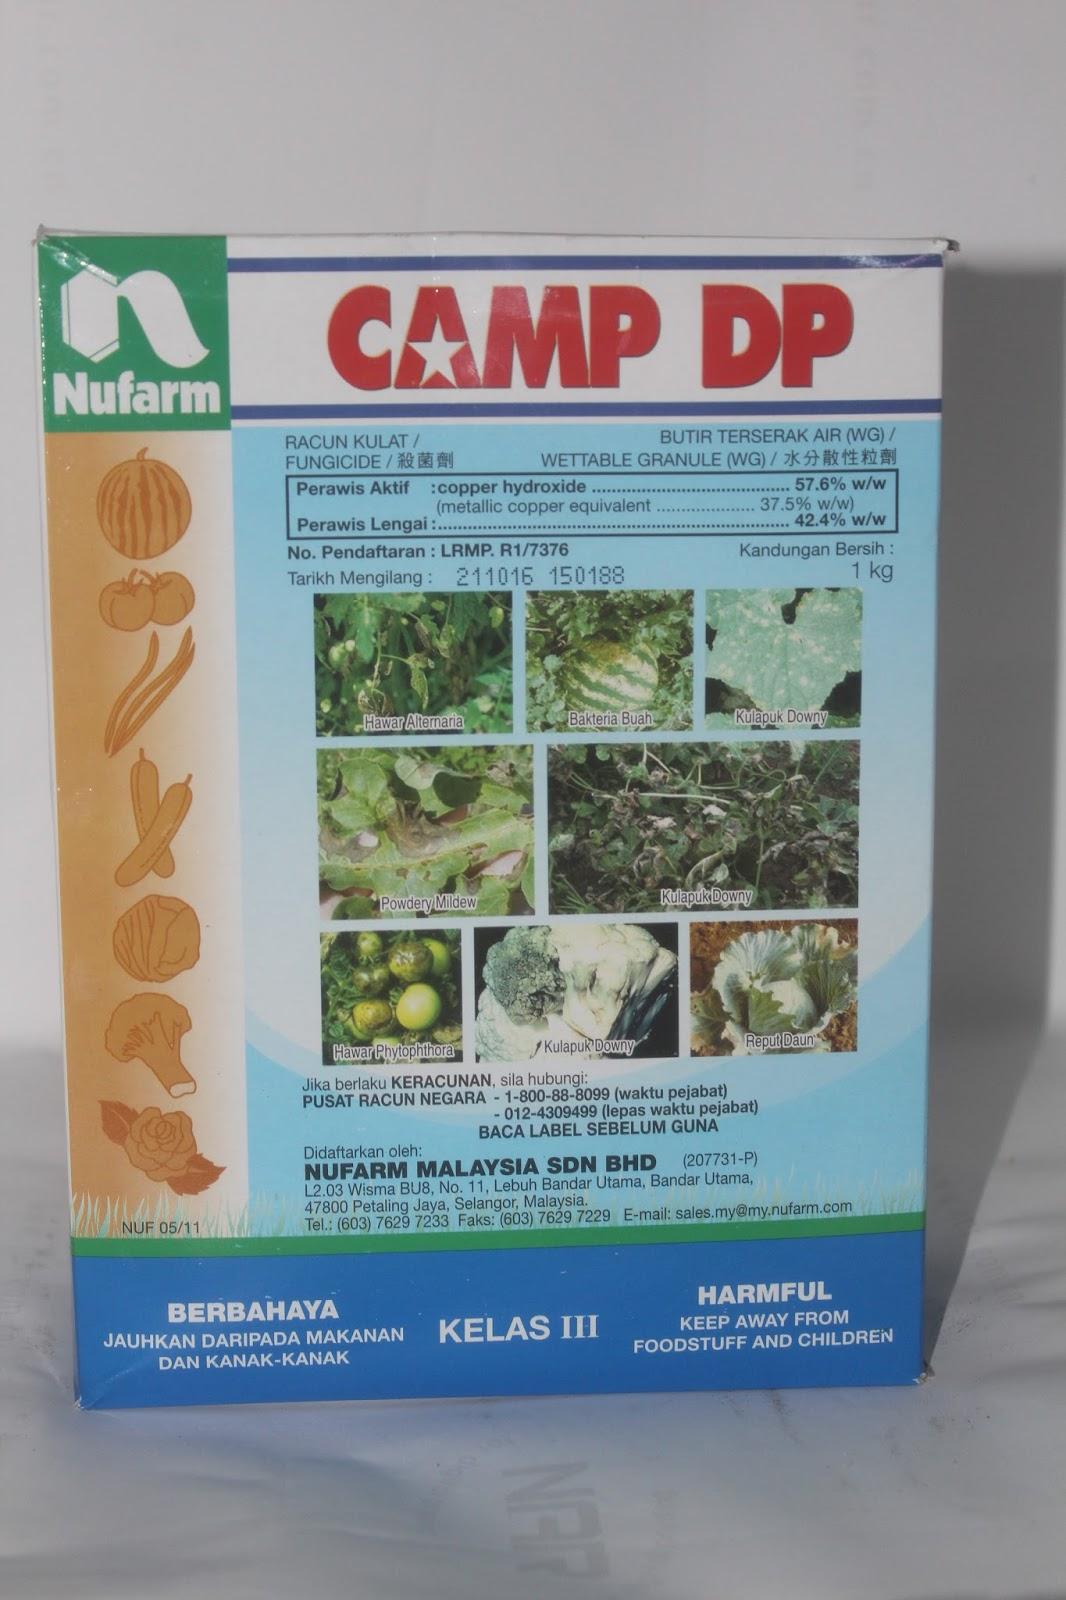 Camp DP - RM62.00